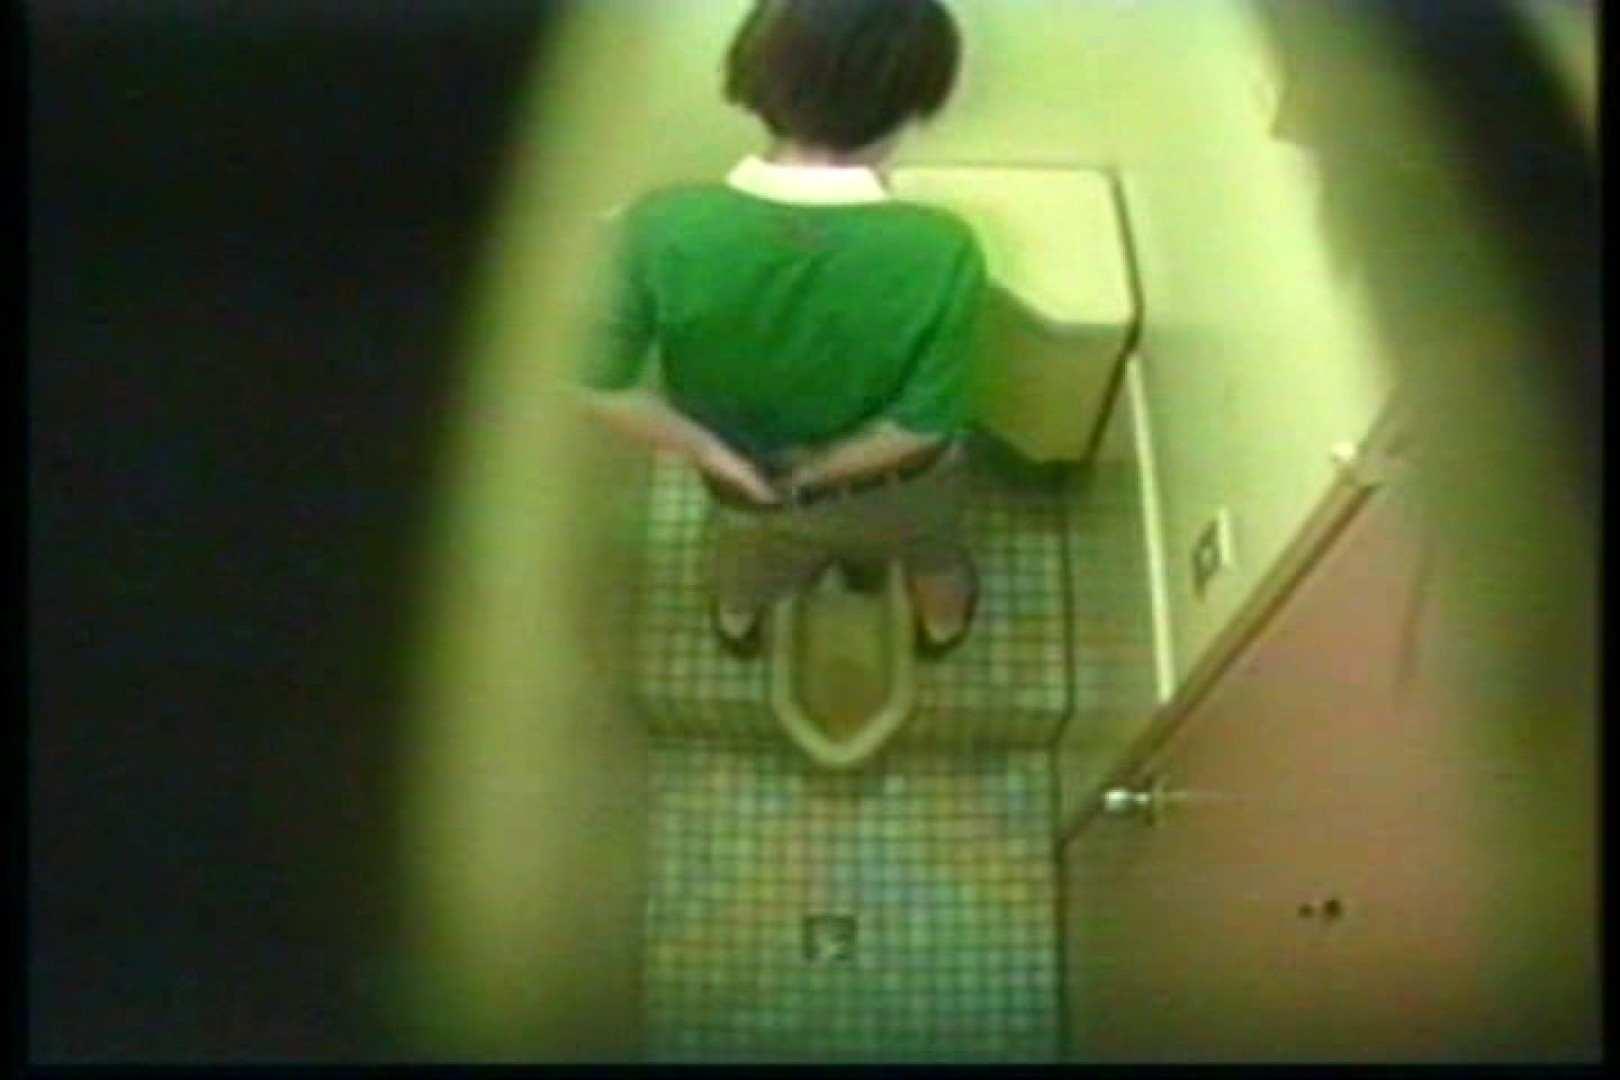 様式 和式 ところかまわず、厠覗き! 厠隠し撮り ワレメ無修正動画無料 74pic 63